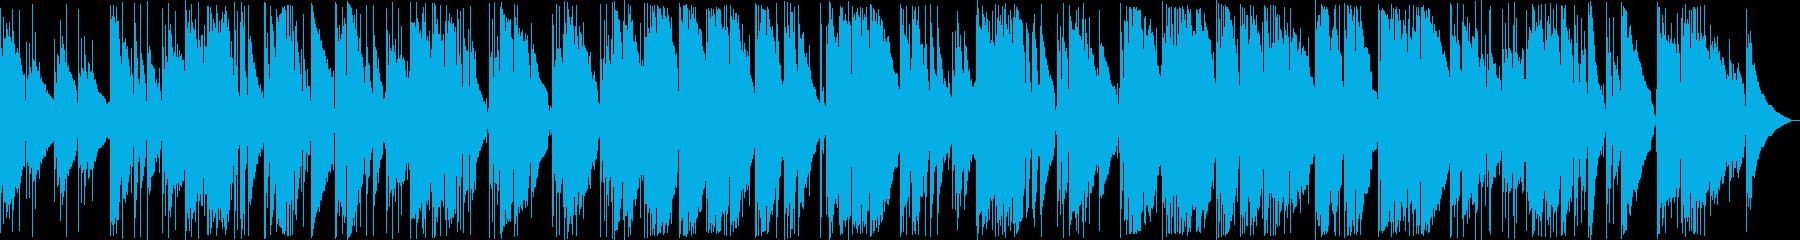 しっとりしたイージーリスニング曲の再生済みの波形